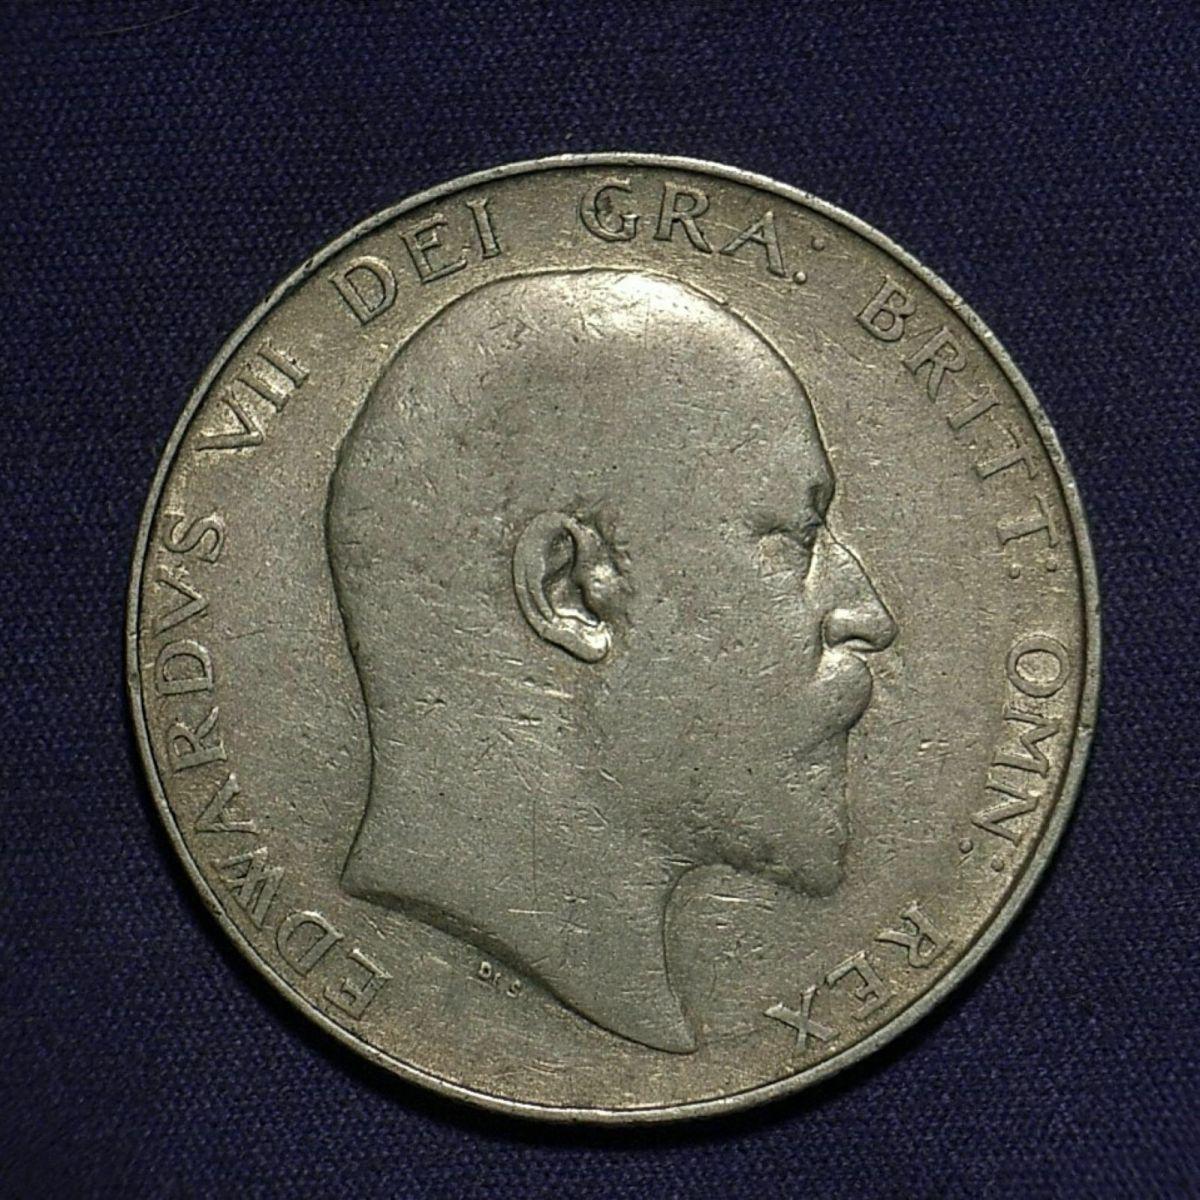 UK 1906 Half Crown obverse close up